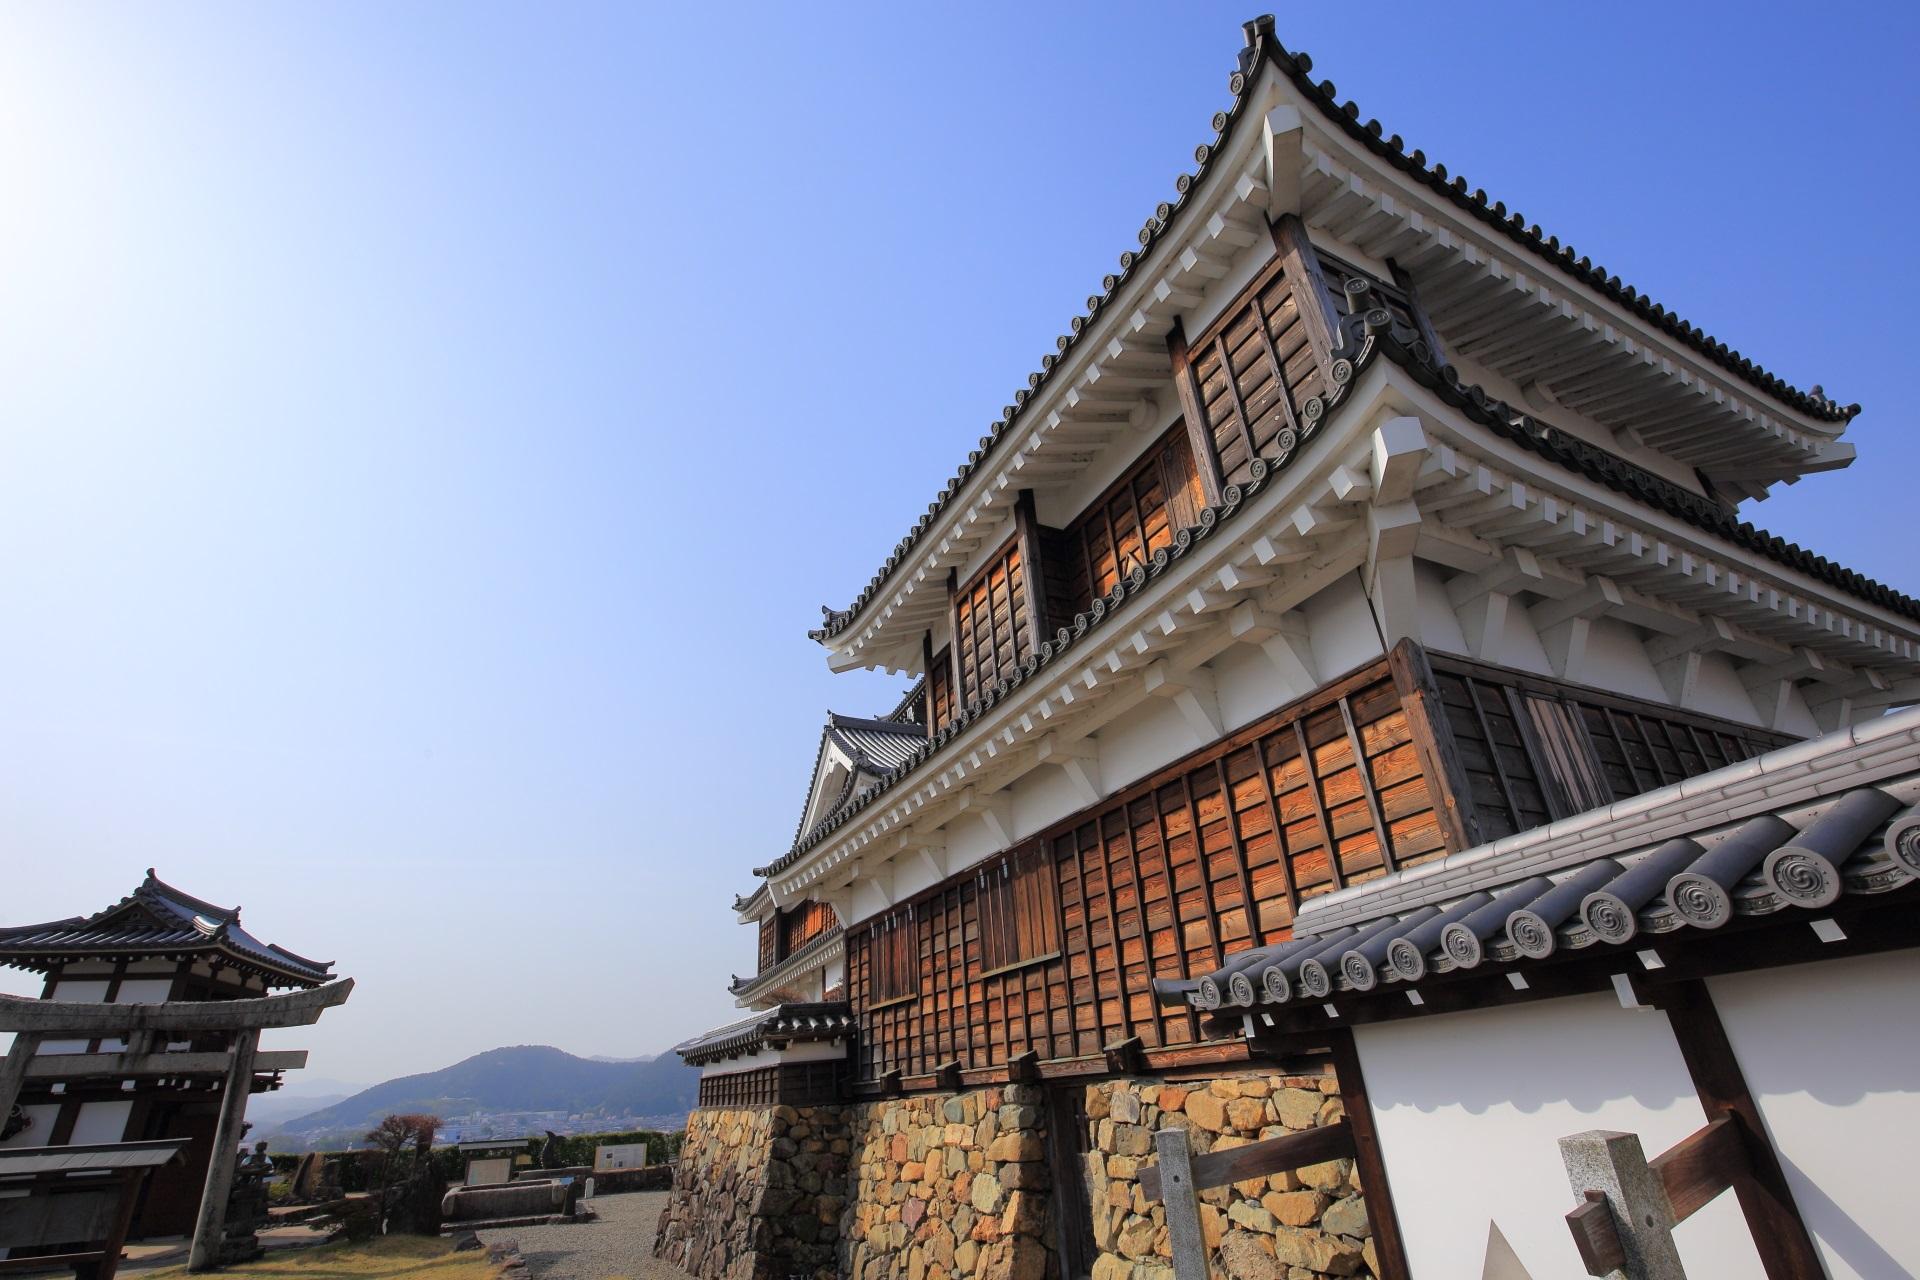 望楼型の天守閣の福知山城